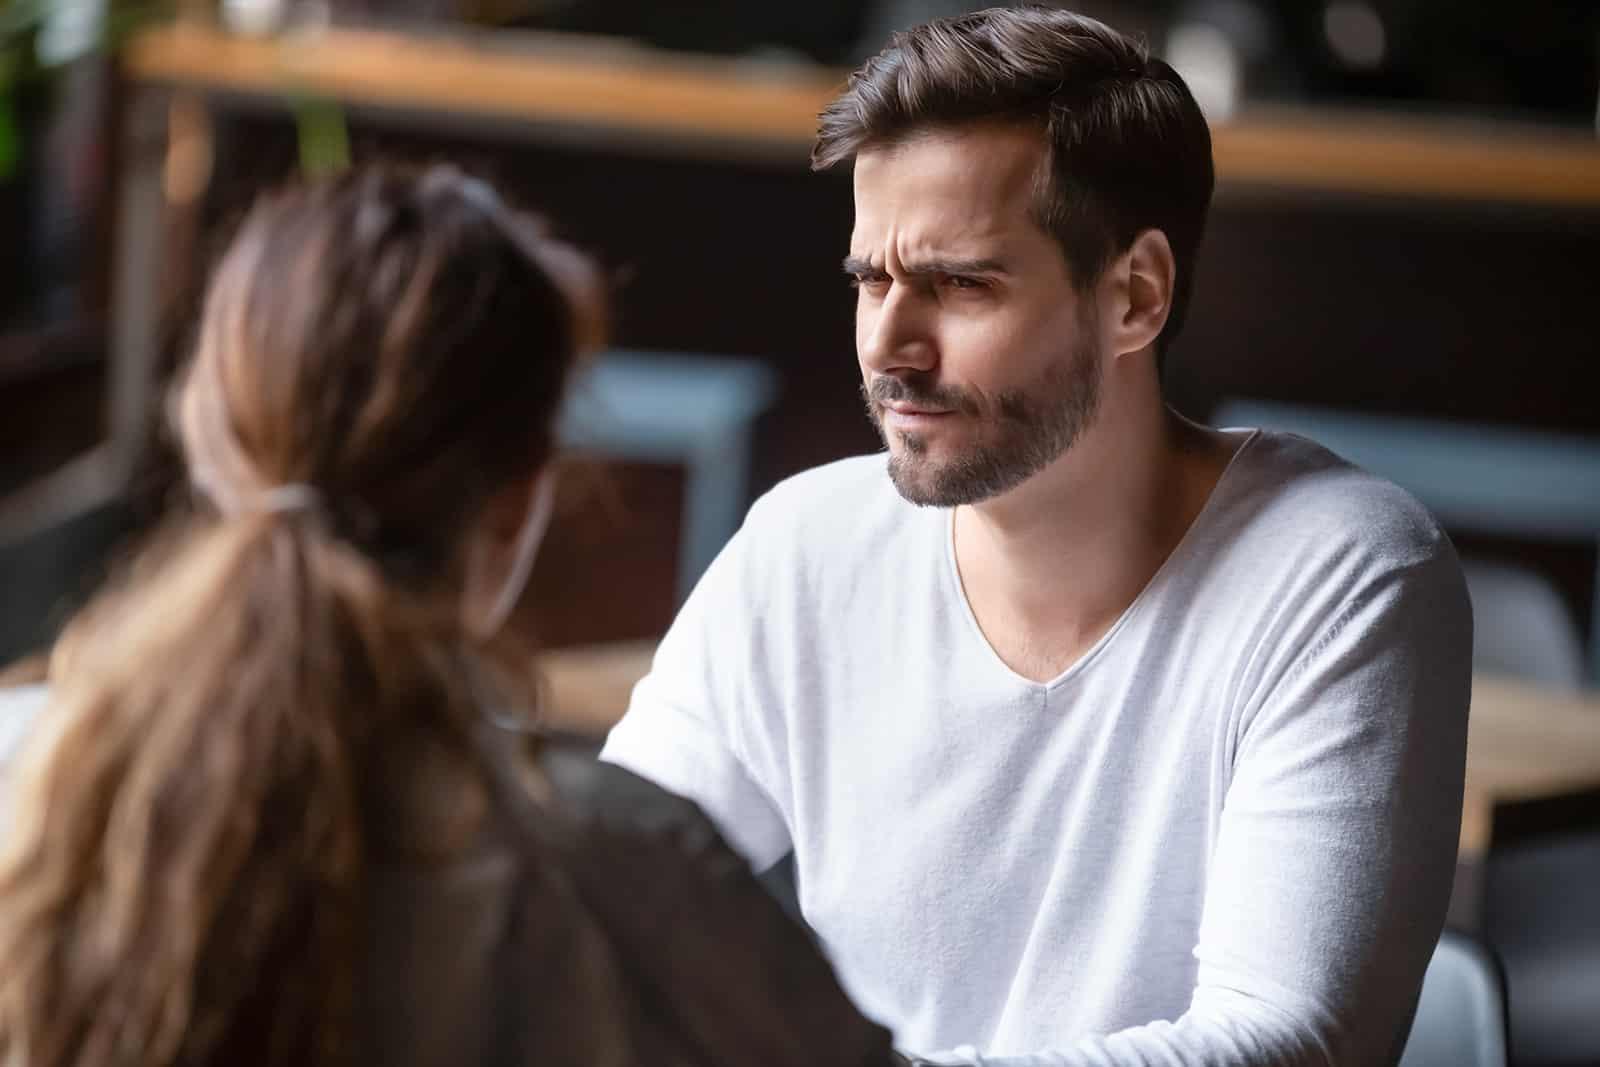 Un homme surpris regardant une femme alors qu'il était assis dans le café ensemble